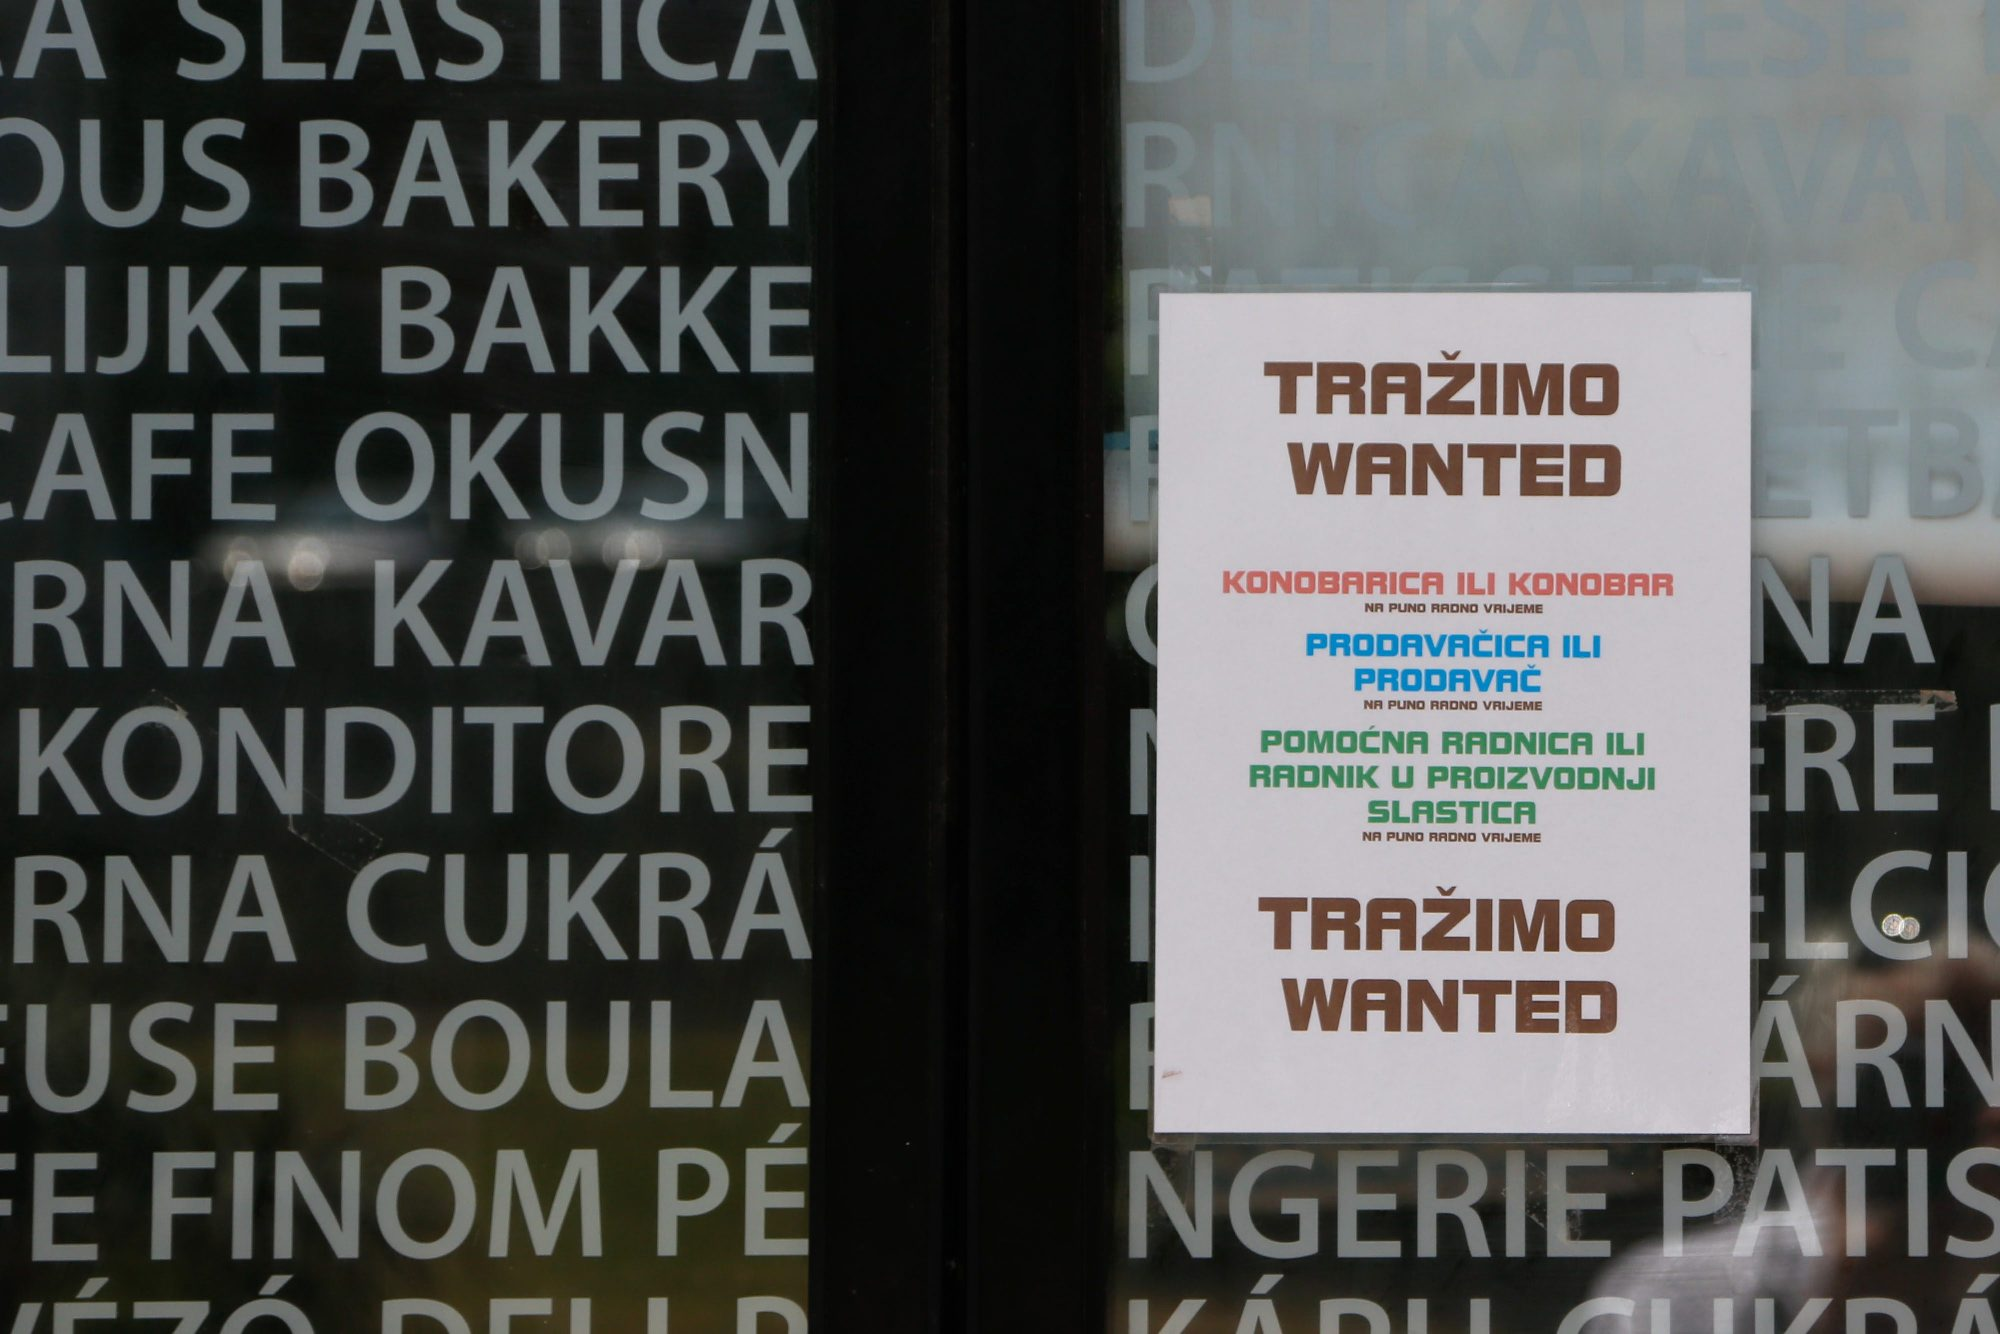 Pula, 280518. Nedostatak radne snage sve je veci. U pekari-slasticarnici Tina na Verudi na vratima i na svakom stolu stoji natpis kojim se mole gosti za razumjevanje. Foto: Goran Sebelic / CROPIX